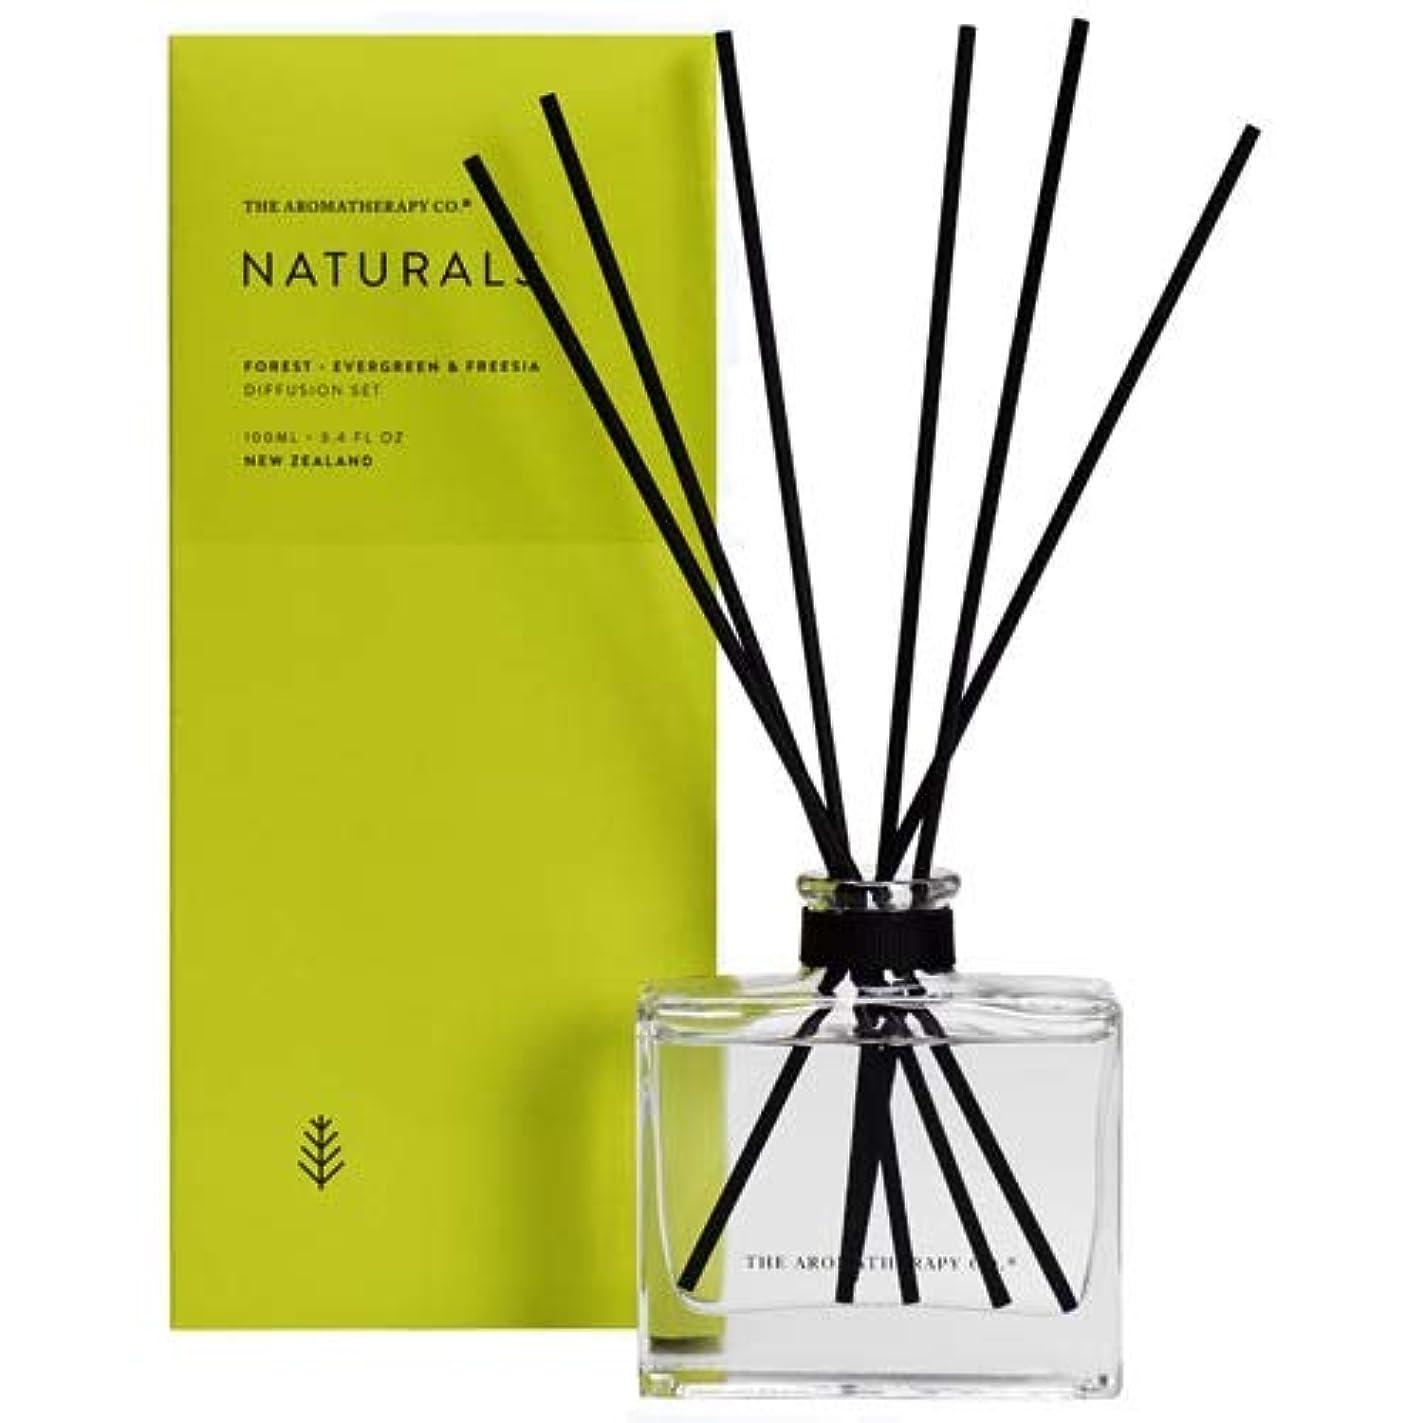 破産リンケージループnew NATURALS ナチュラルズ Diffusion Stick ディフュージョンスティック Forest フォレスト(森林)Evergreen & Freesia エバーグリーン&フリージア